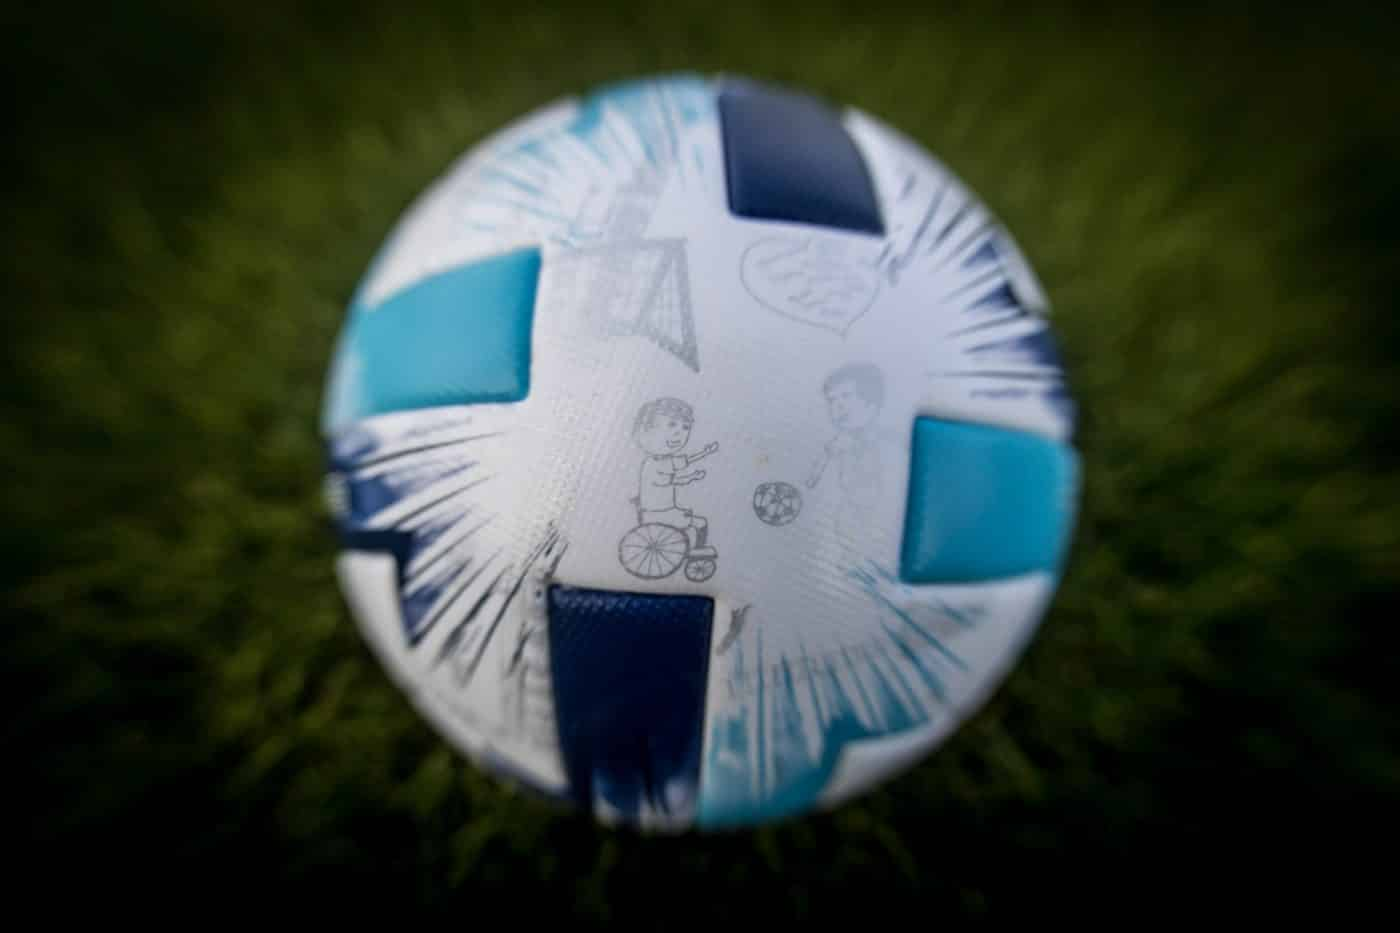 ballon-uefa-super-coupe-europe-2020-adidas-1